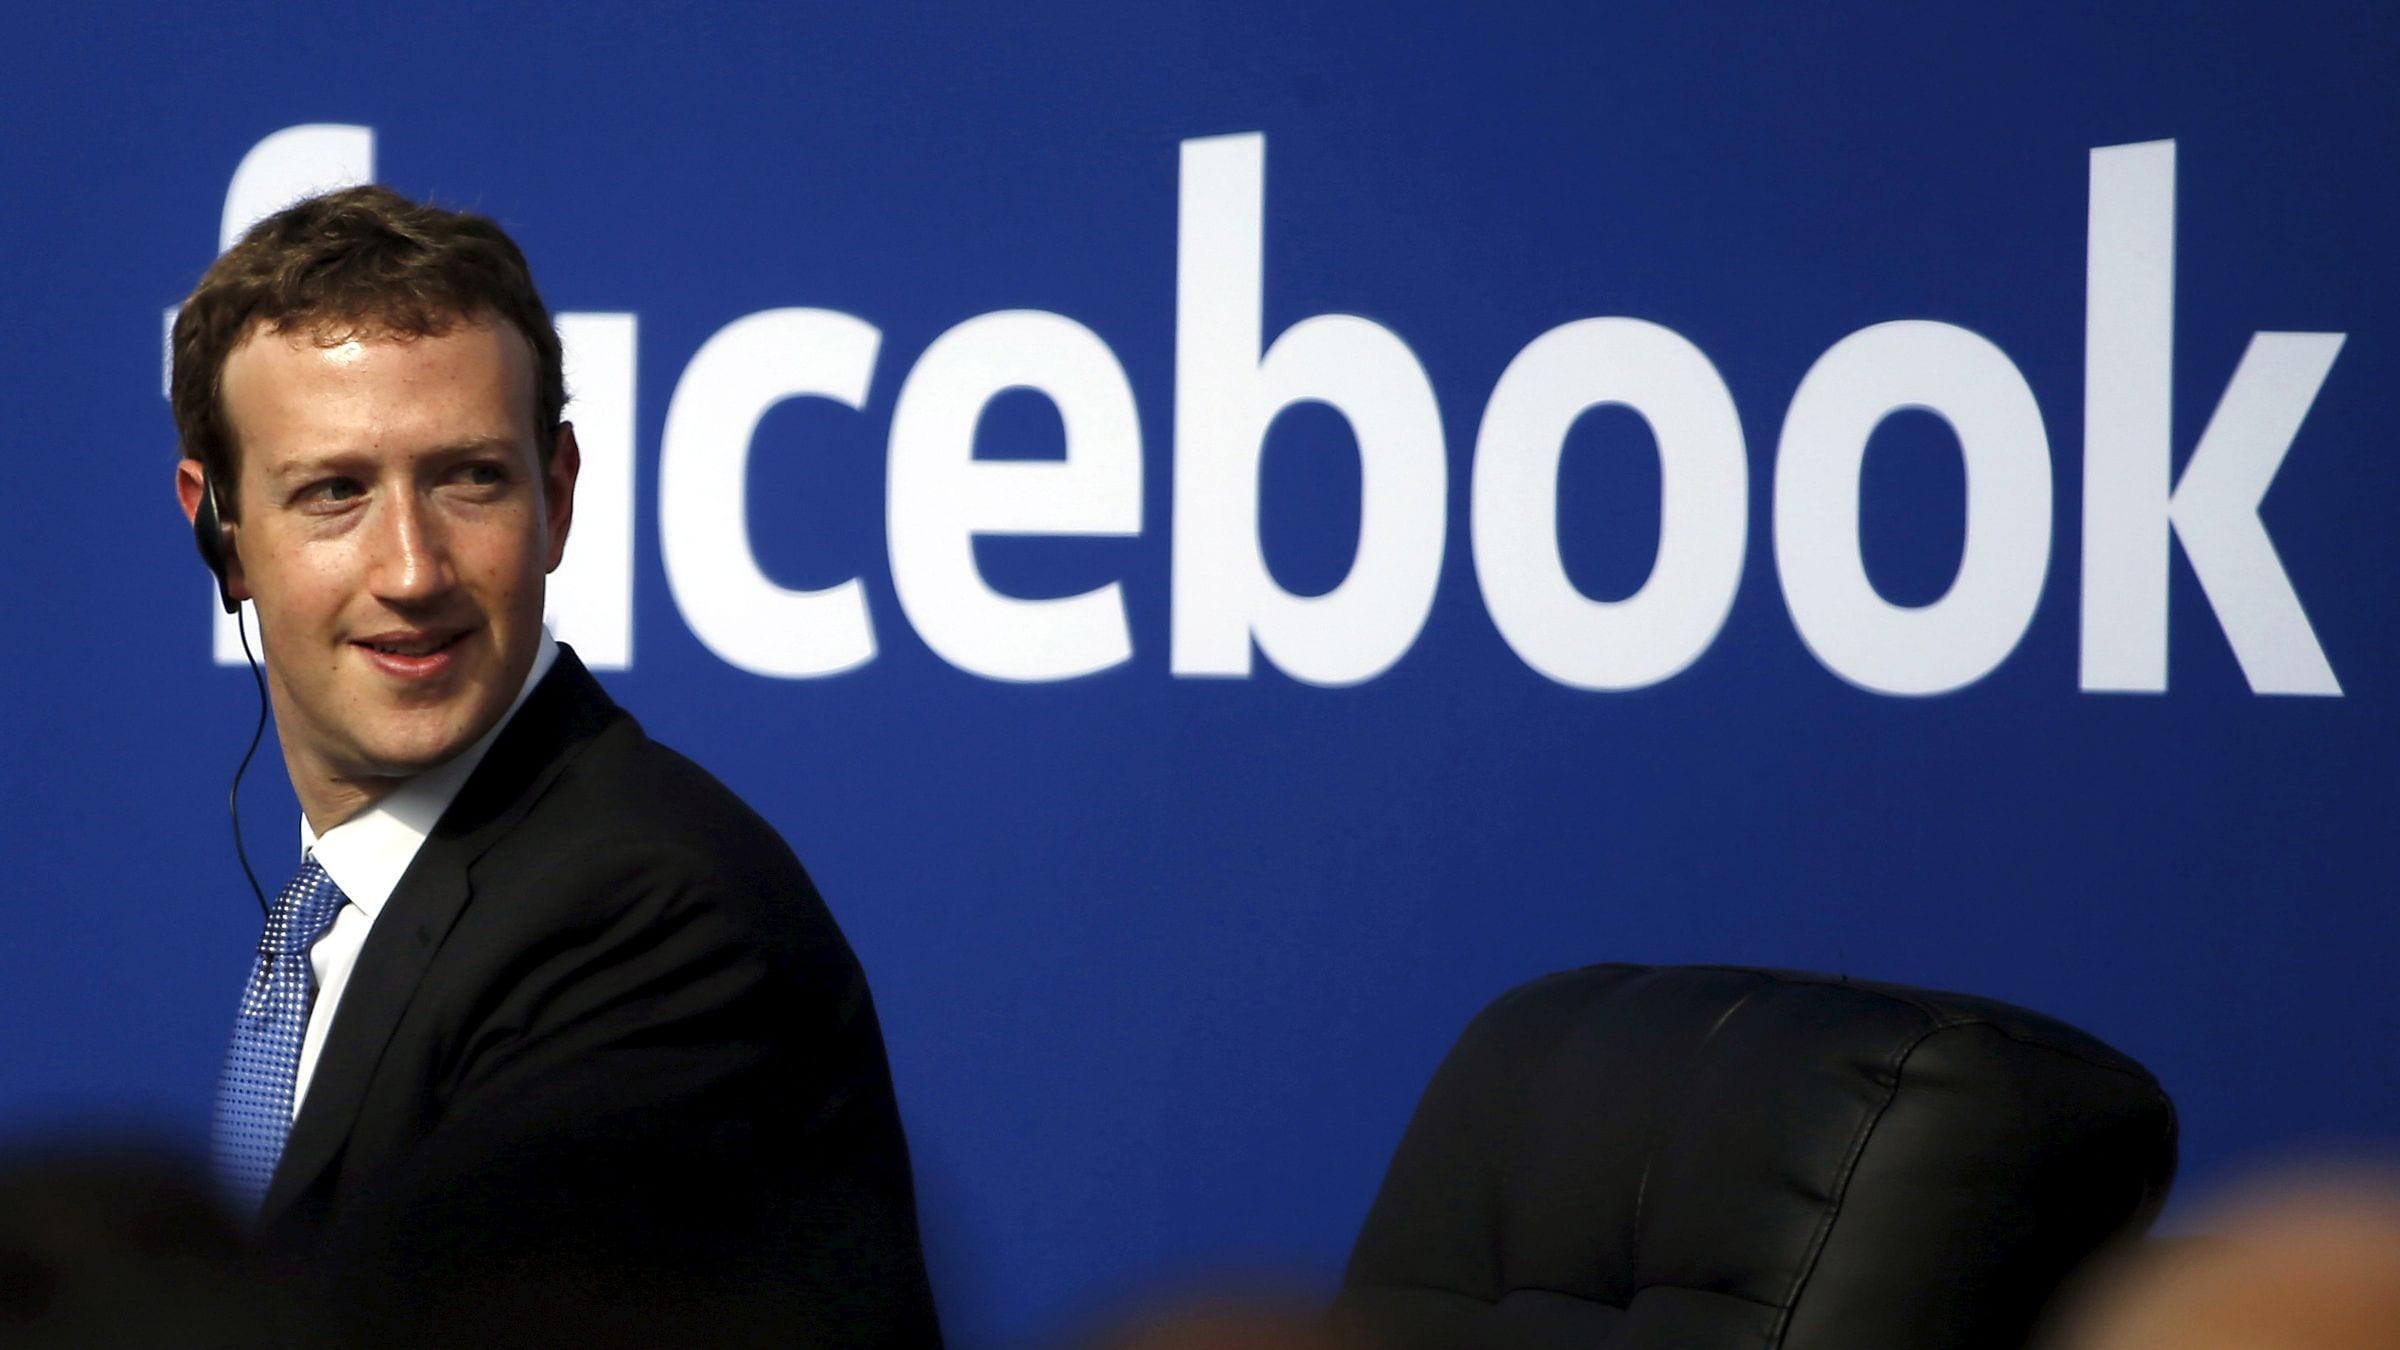 Ο λόγος που το Facebook έχει χρώμα μπλε